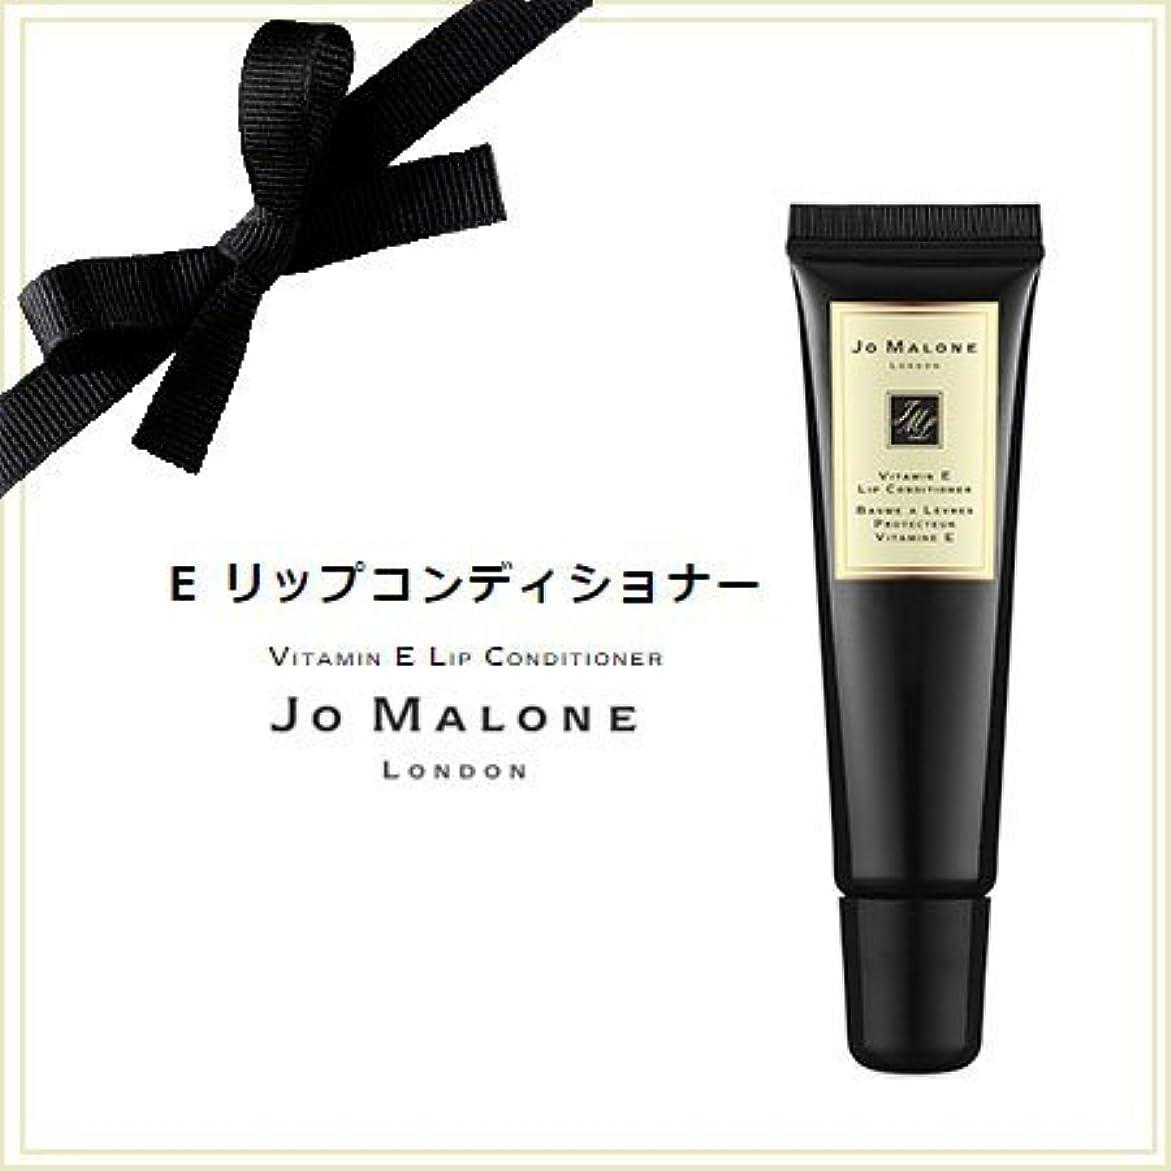 ヘクタール溶ける差別的ジョーマローン Eリップ コンディショナー SPF15 15ml -JO MALONE- 【並行輸入品】